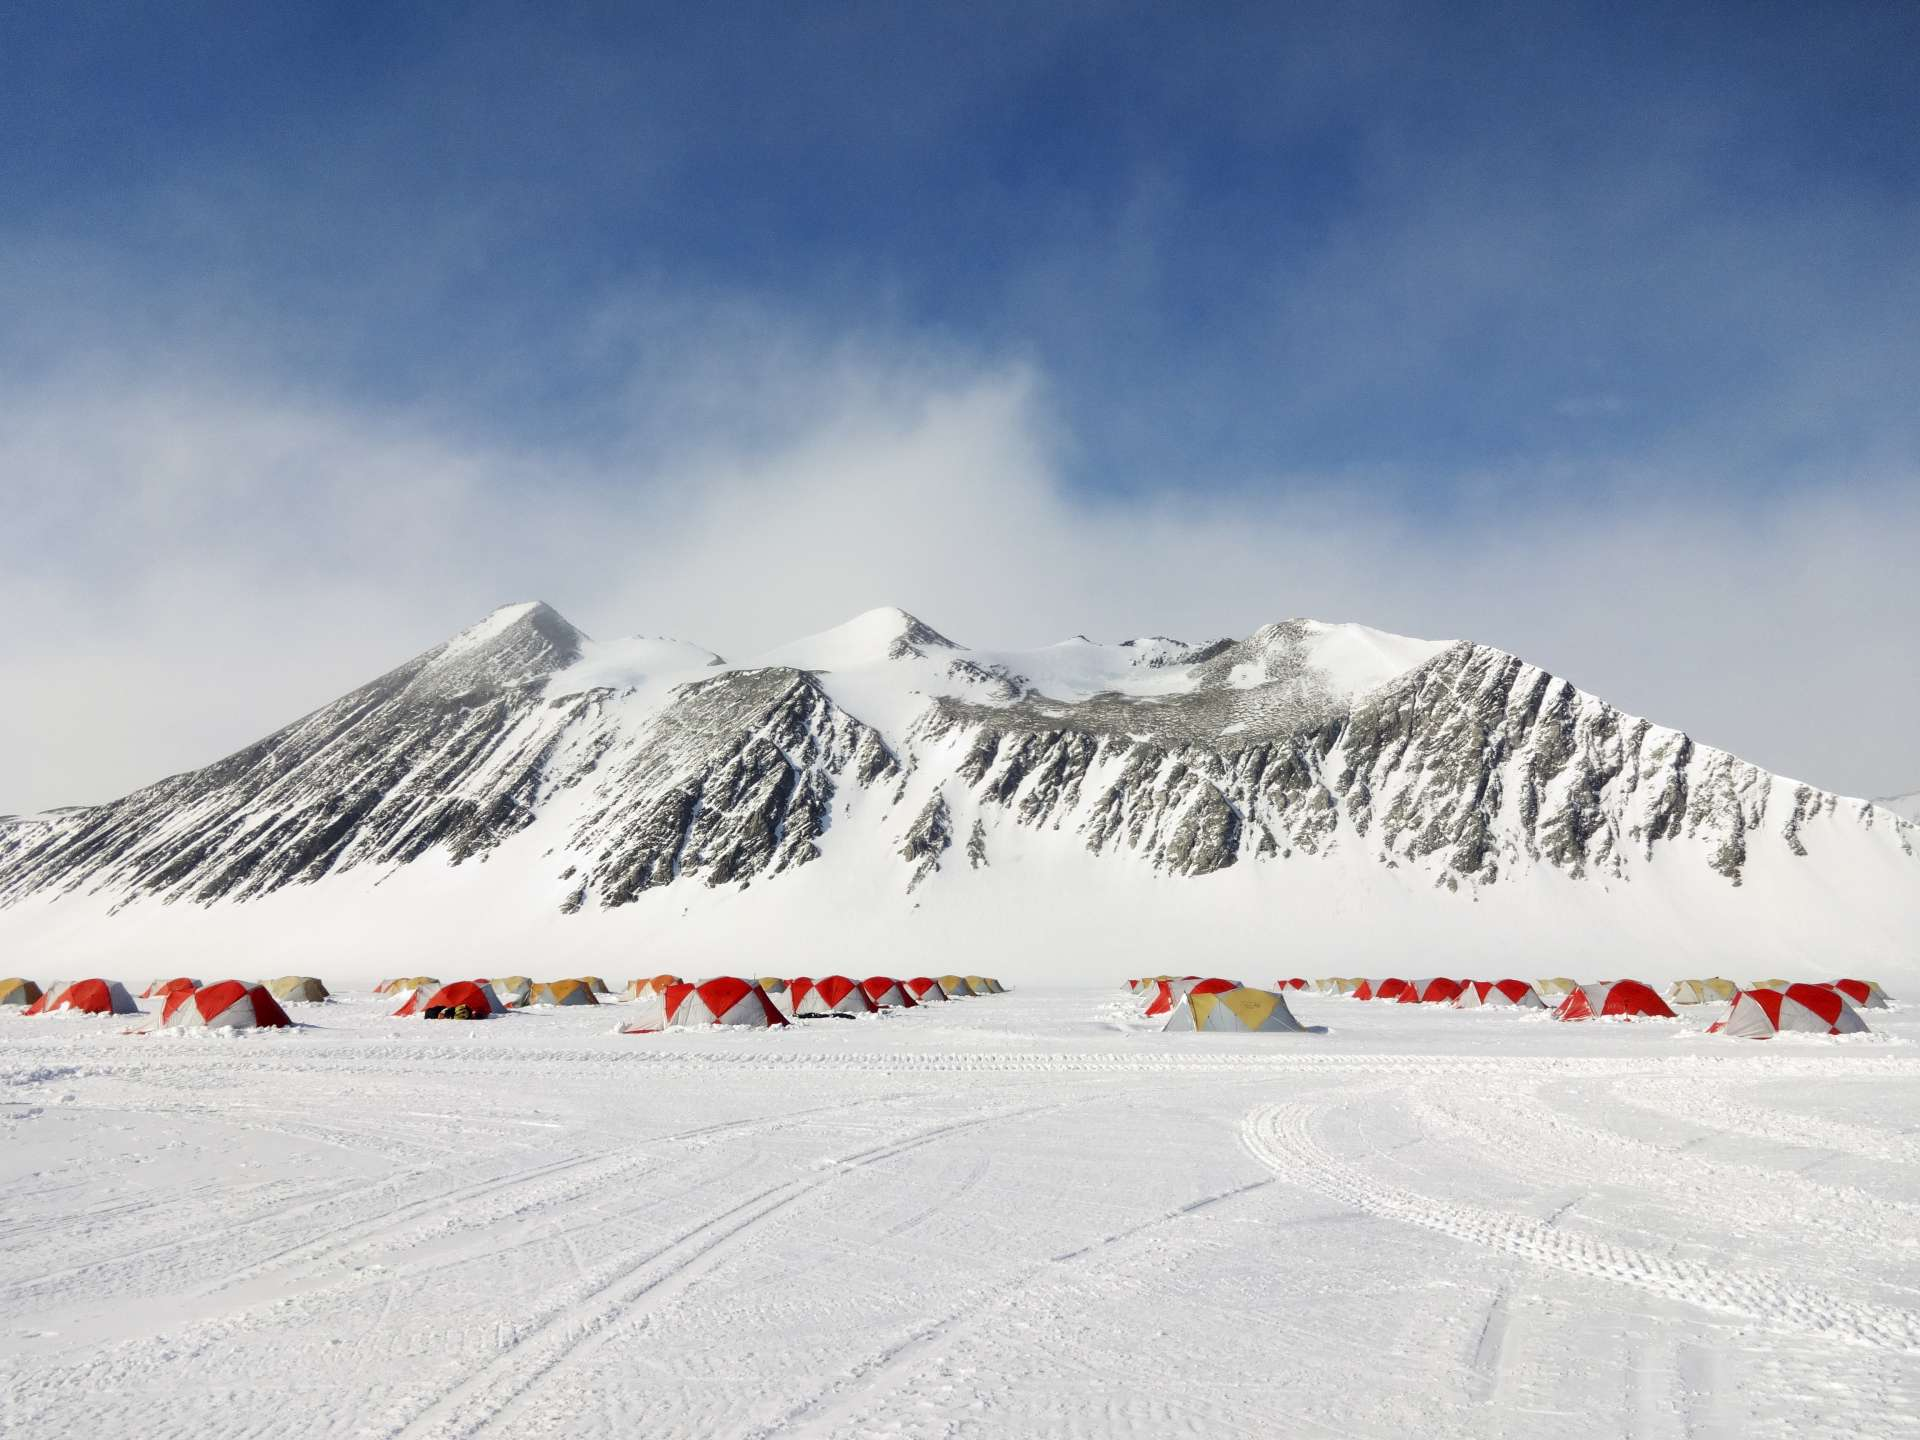 Airbnb propose à cinq voyageurs à travers le monde, dont la France, de participer à une expédition en Antarctique pour y étudier la pollution aux microplastiques. © Erin Aquino/Airbnb